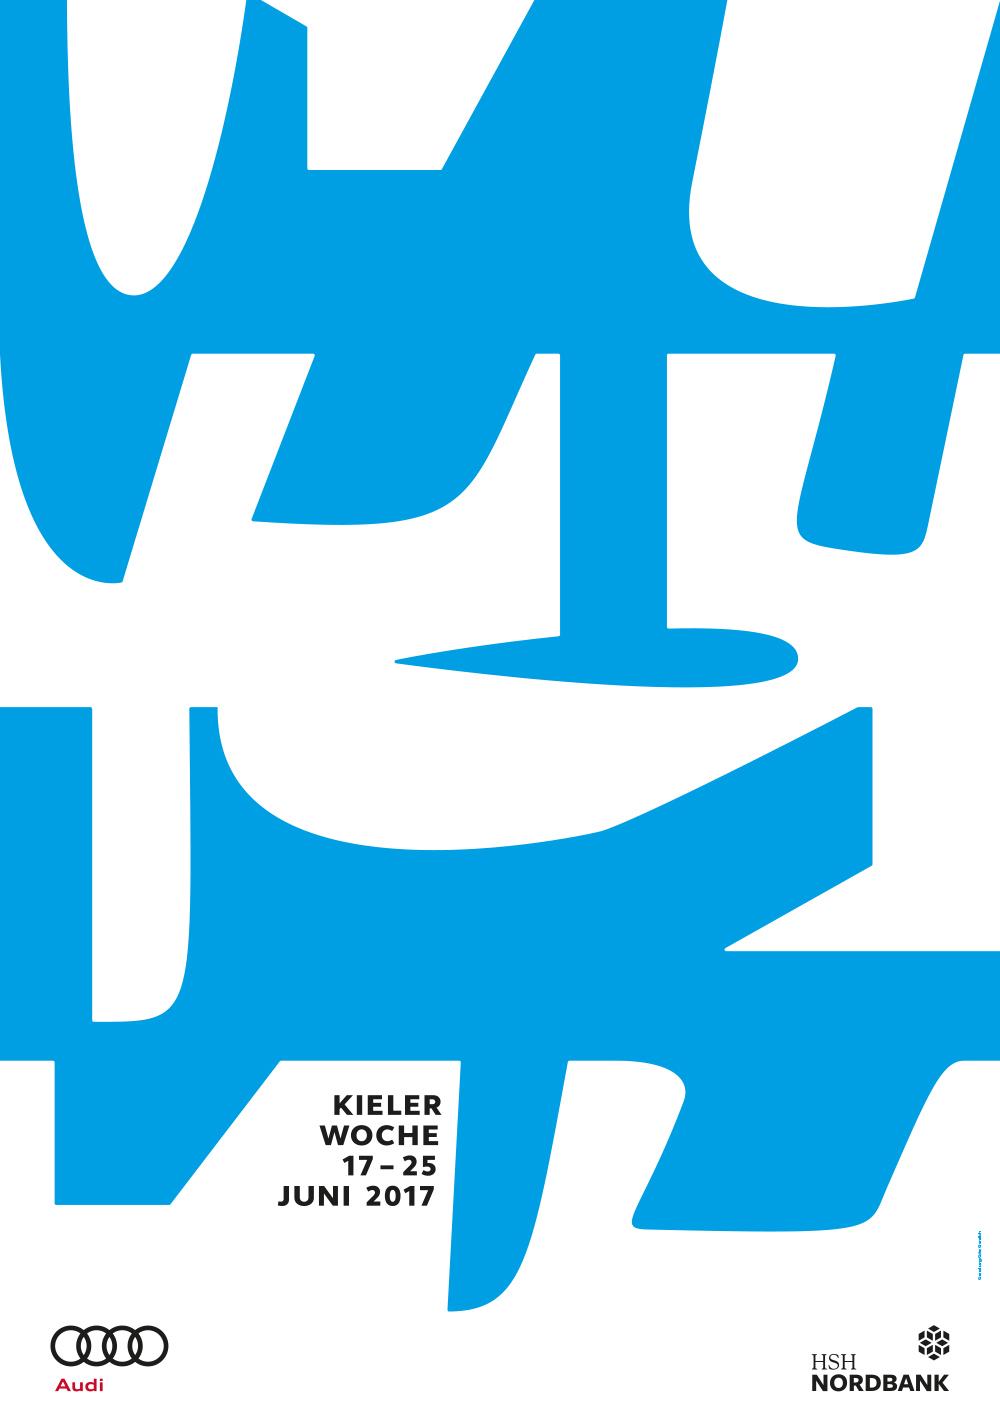 Blaue und weiße Kiele, Schwerter und Finnen, die Segelbooten unter Wasser Stabilität verleihen und gleichzeitig das Wasser schneiden, zieren das offizielle Kieler-Woche-Plakat 2017